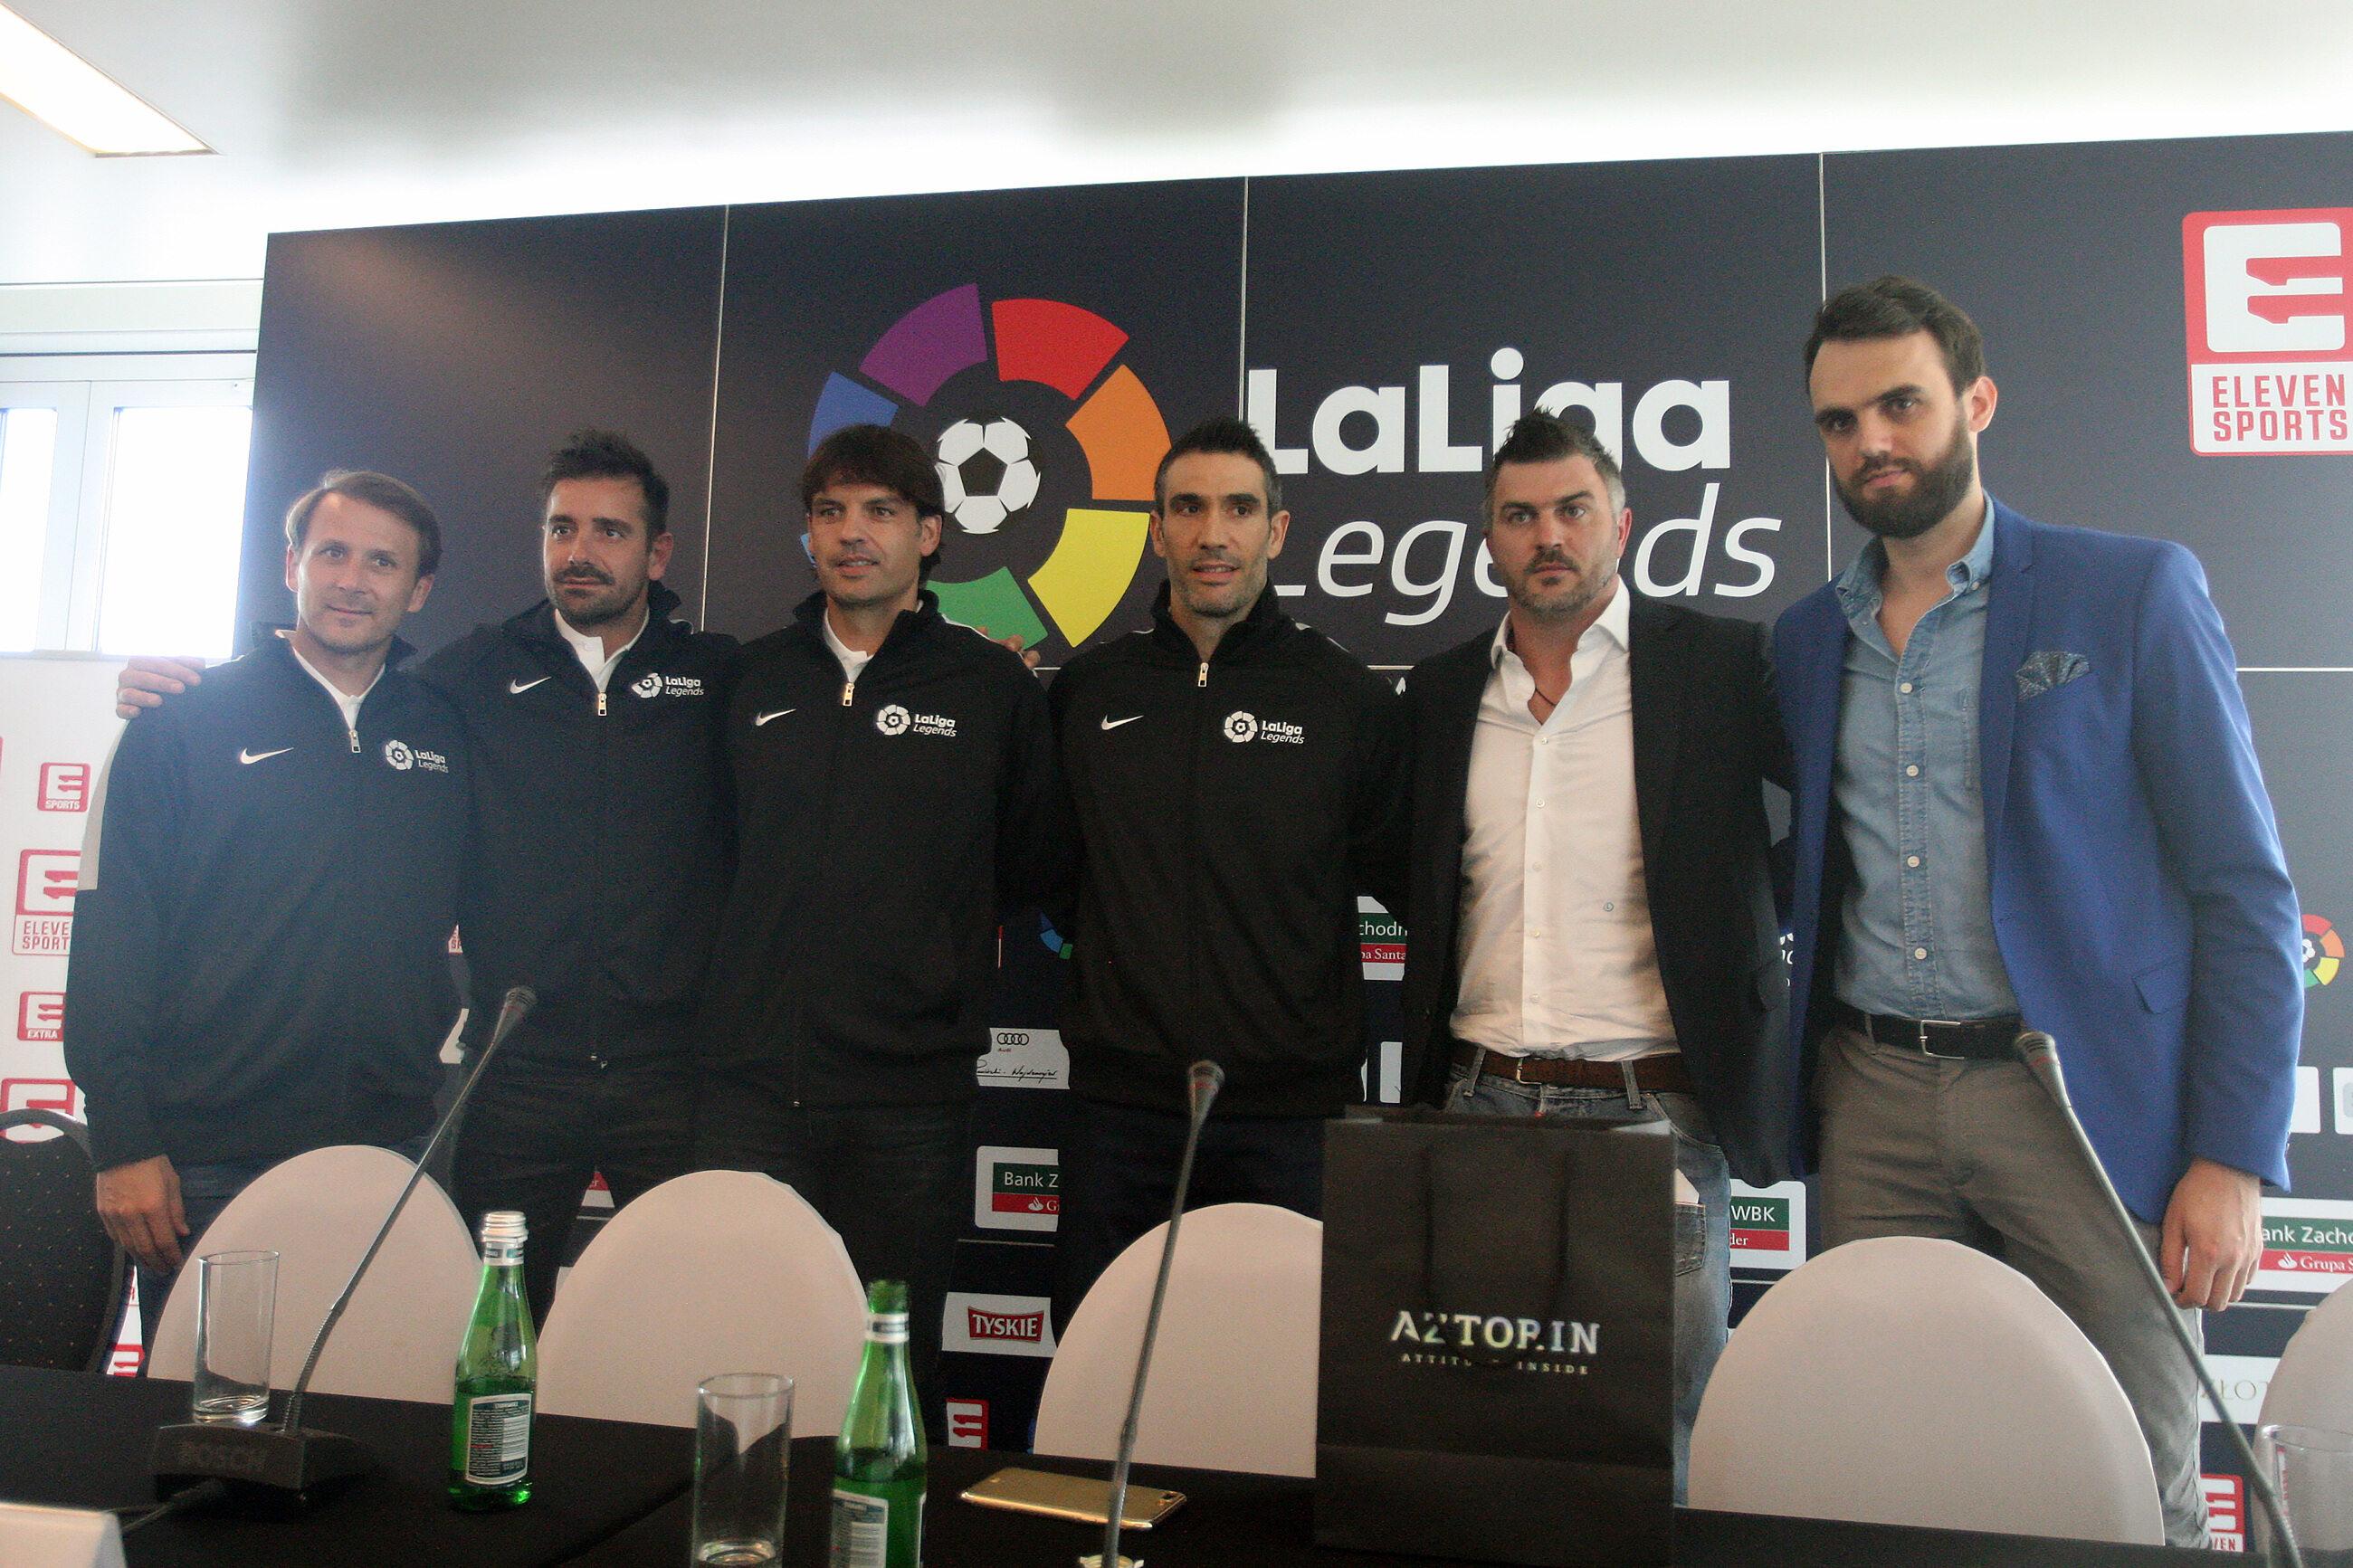 LaLiga Legends